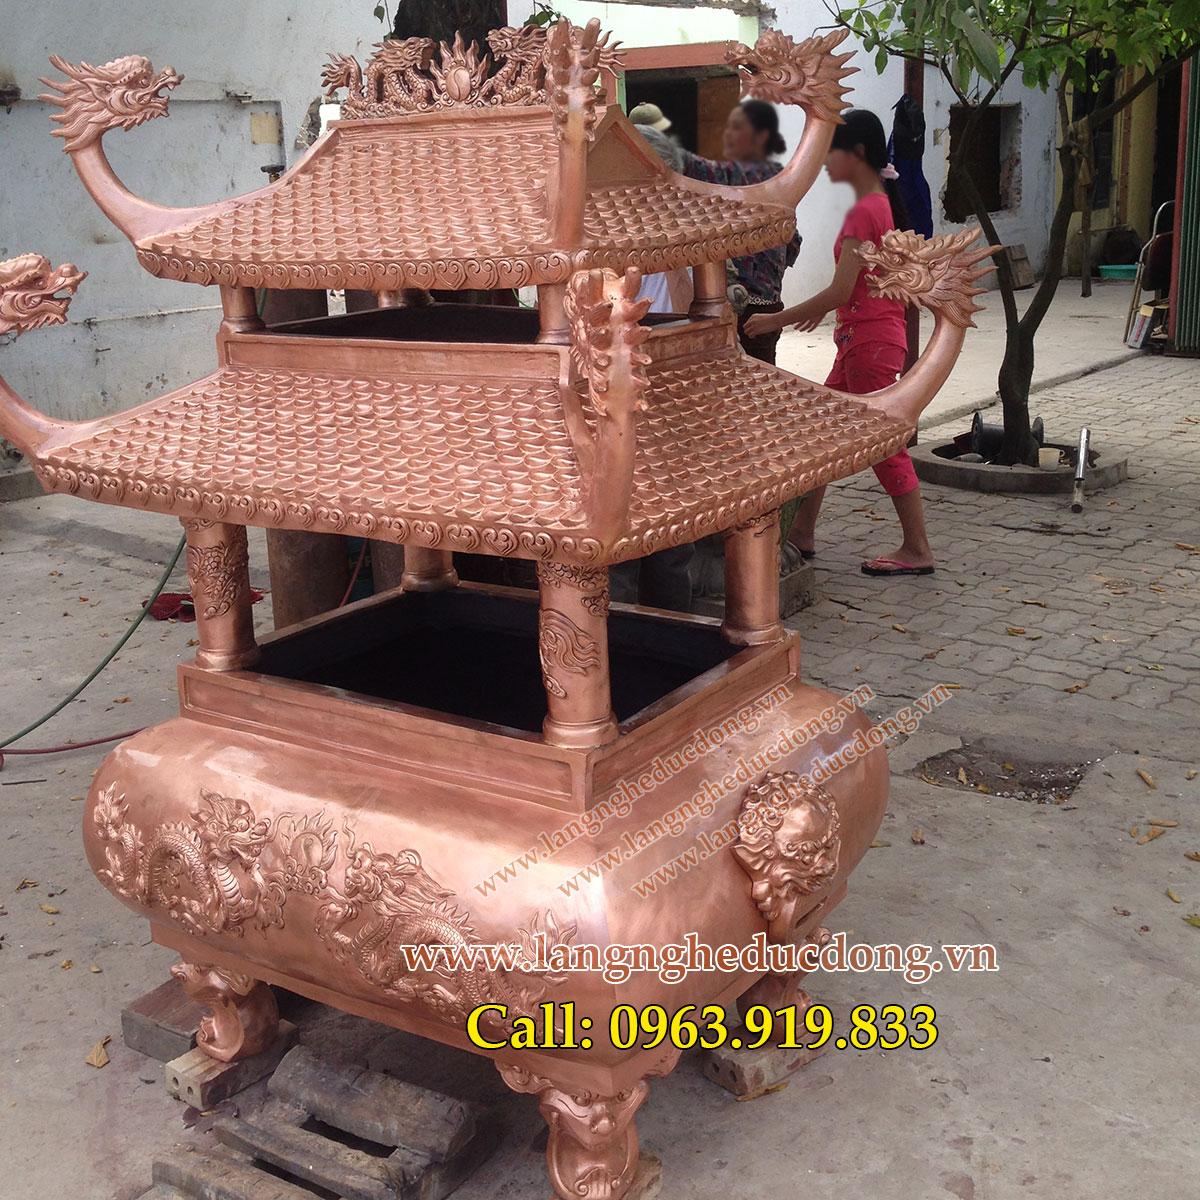 langngheducdong.vn - lư đồng đỏ hóa vàng mã cao 1m75, đúc lư đồng